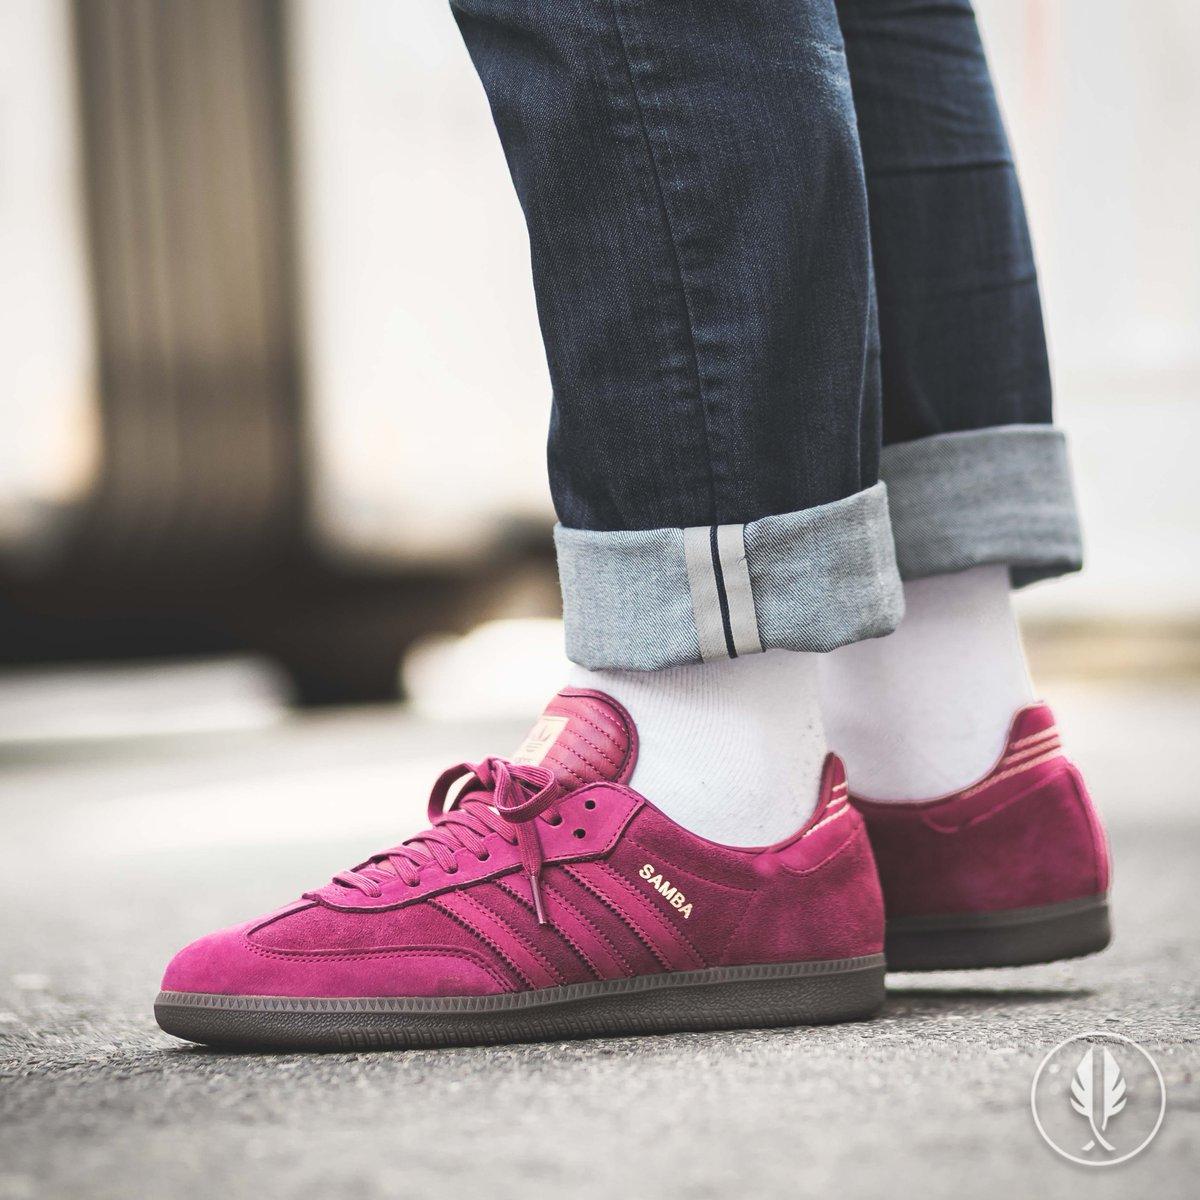 Adidas Samba Fb\